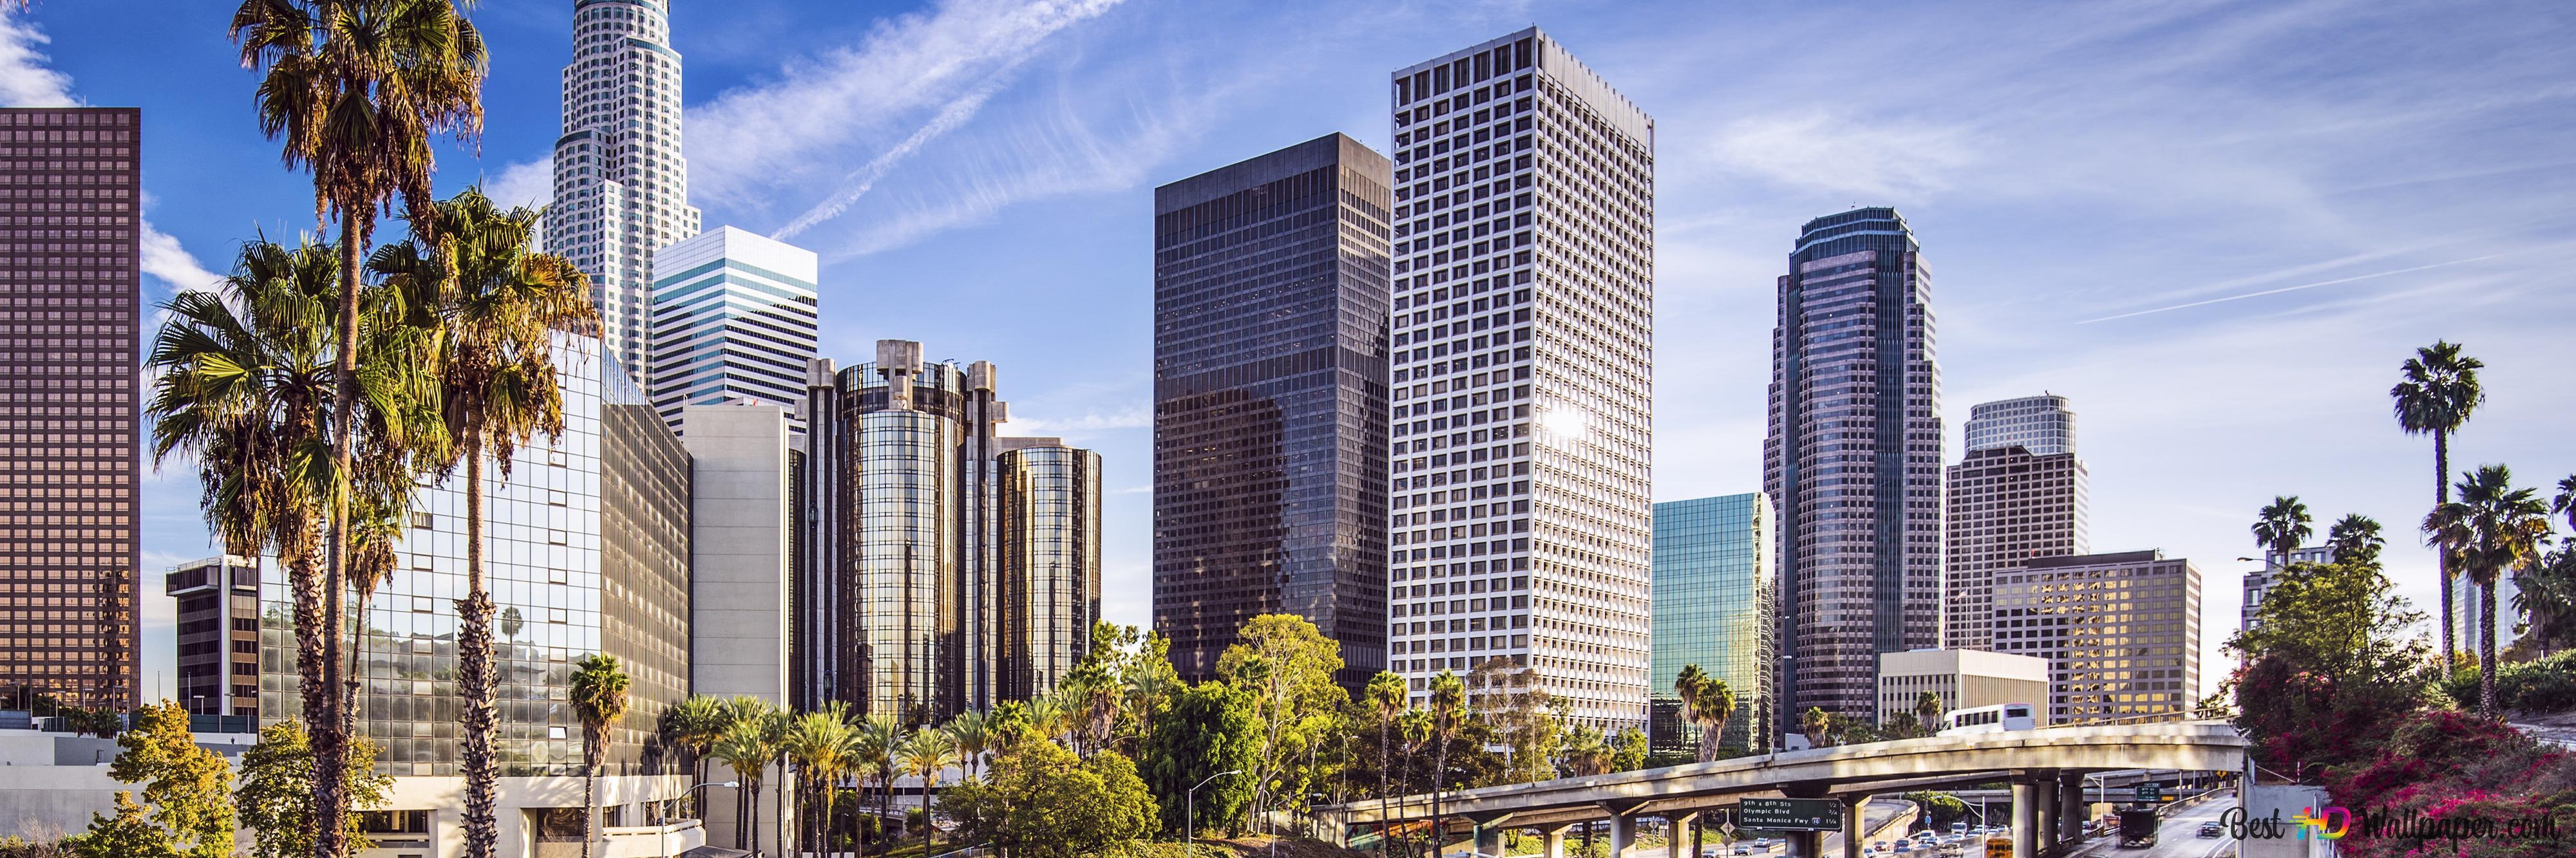 見事な高層ビルと忙しい高速道路があるカリフォルニア州ロサンゼルス Hd壁紙のダウンロード